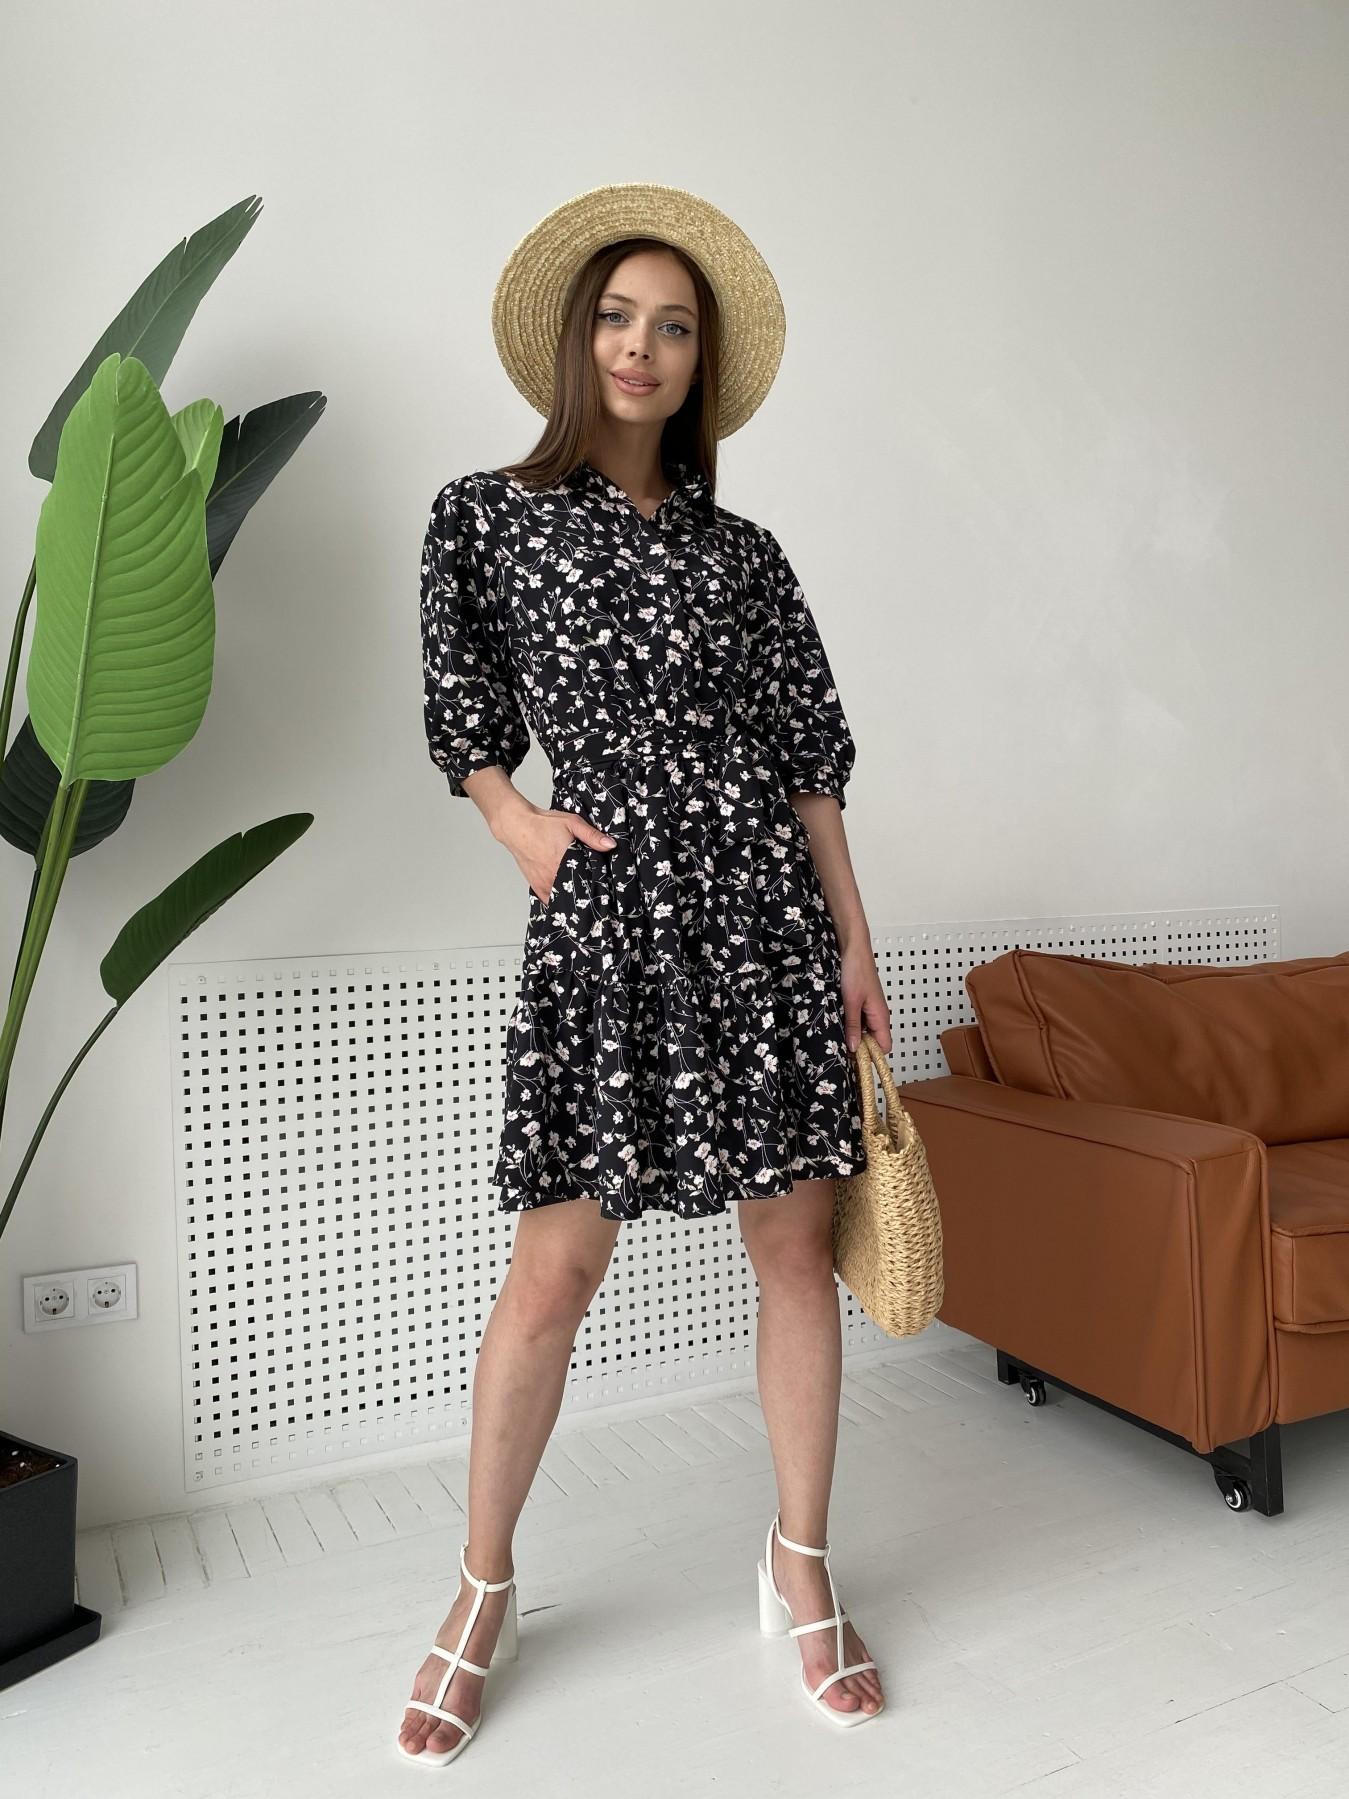 Молизе платье с коротким рукавом из софт ткани в принт 11315 АРТ. 47852 Цвет: Черный/молоко, Цветы - фото 2, интернет магазин tm-modus.ru